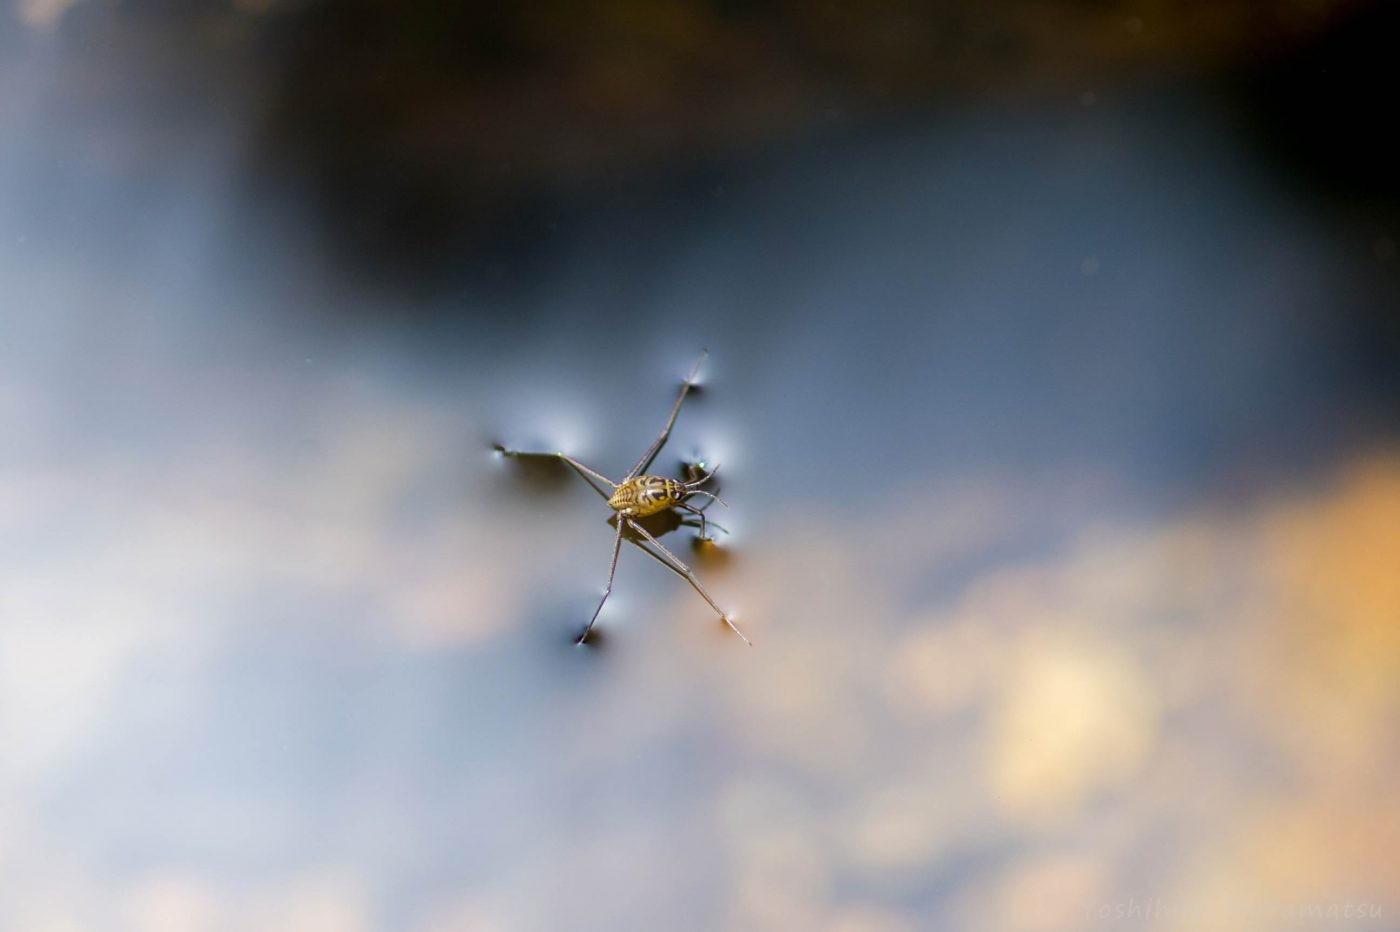 シマアメンボの幼虫の写真